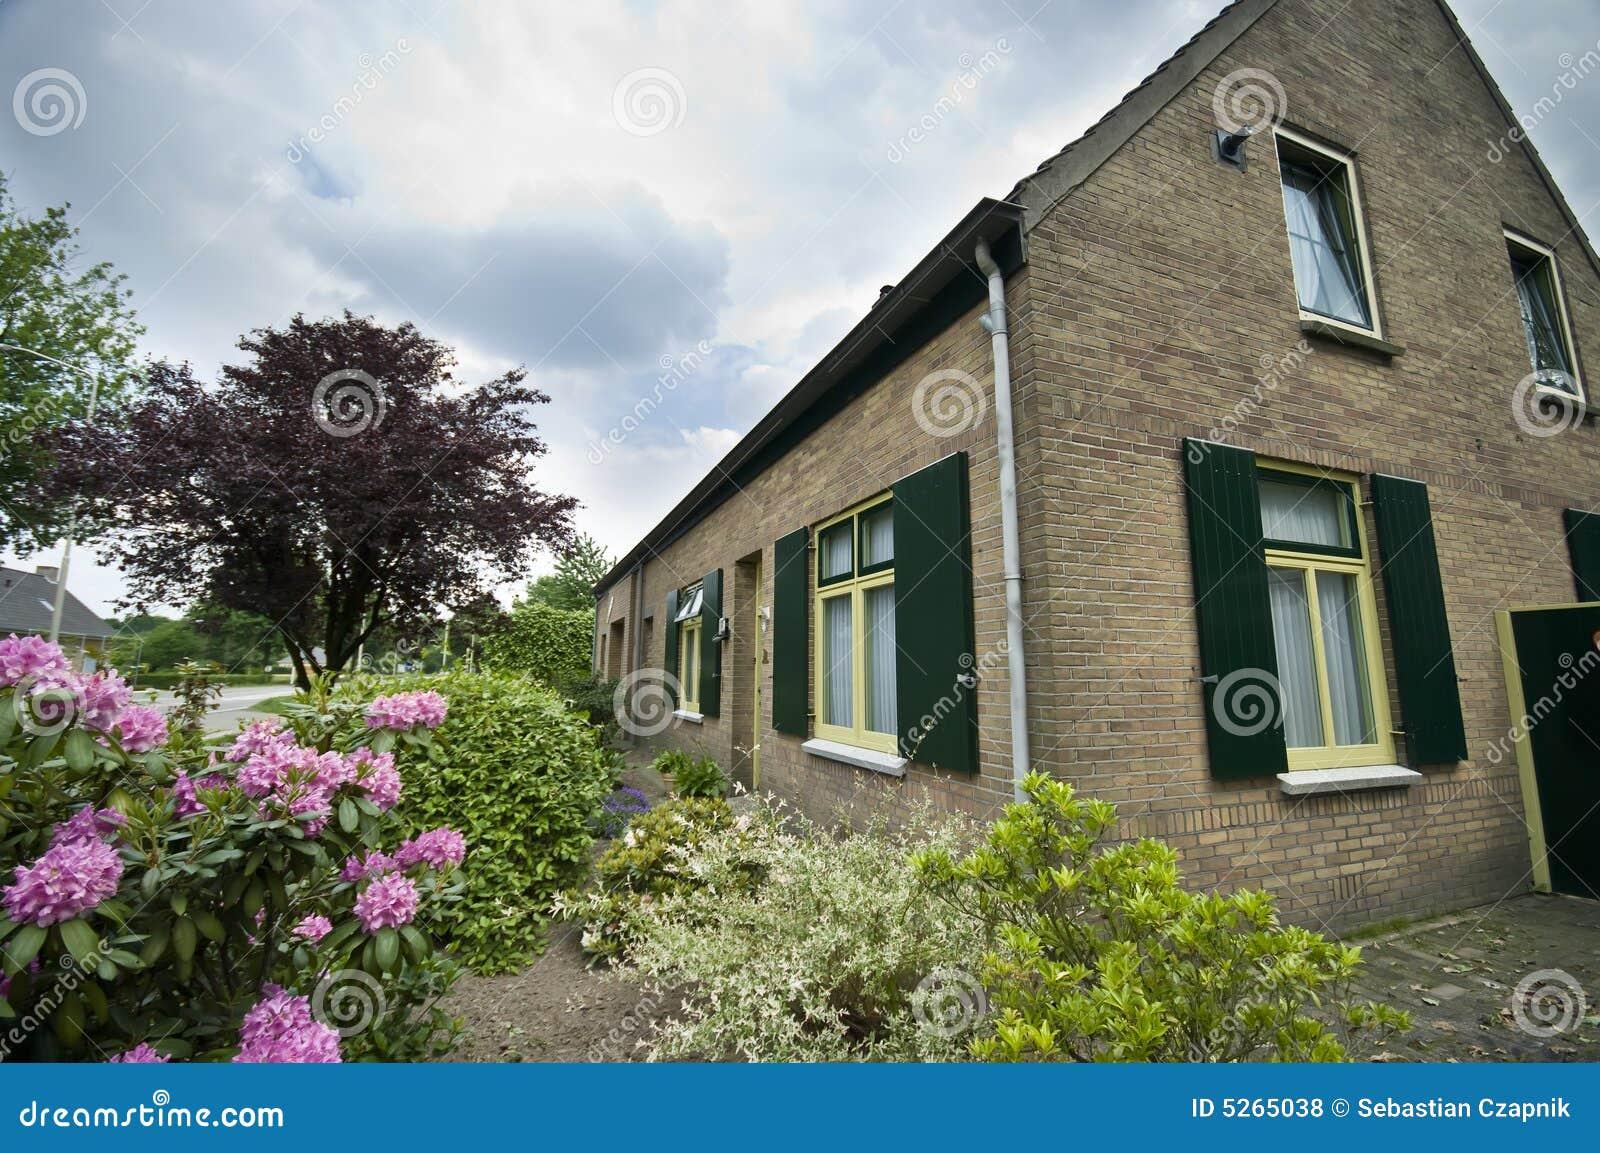 Casa suburbana holandesa fotos de stock royalty free for Casa holandesa moderna